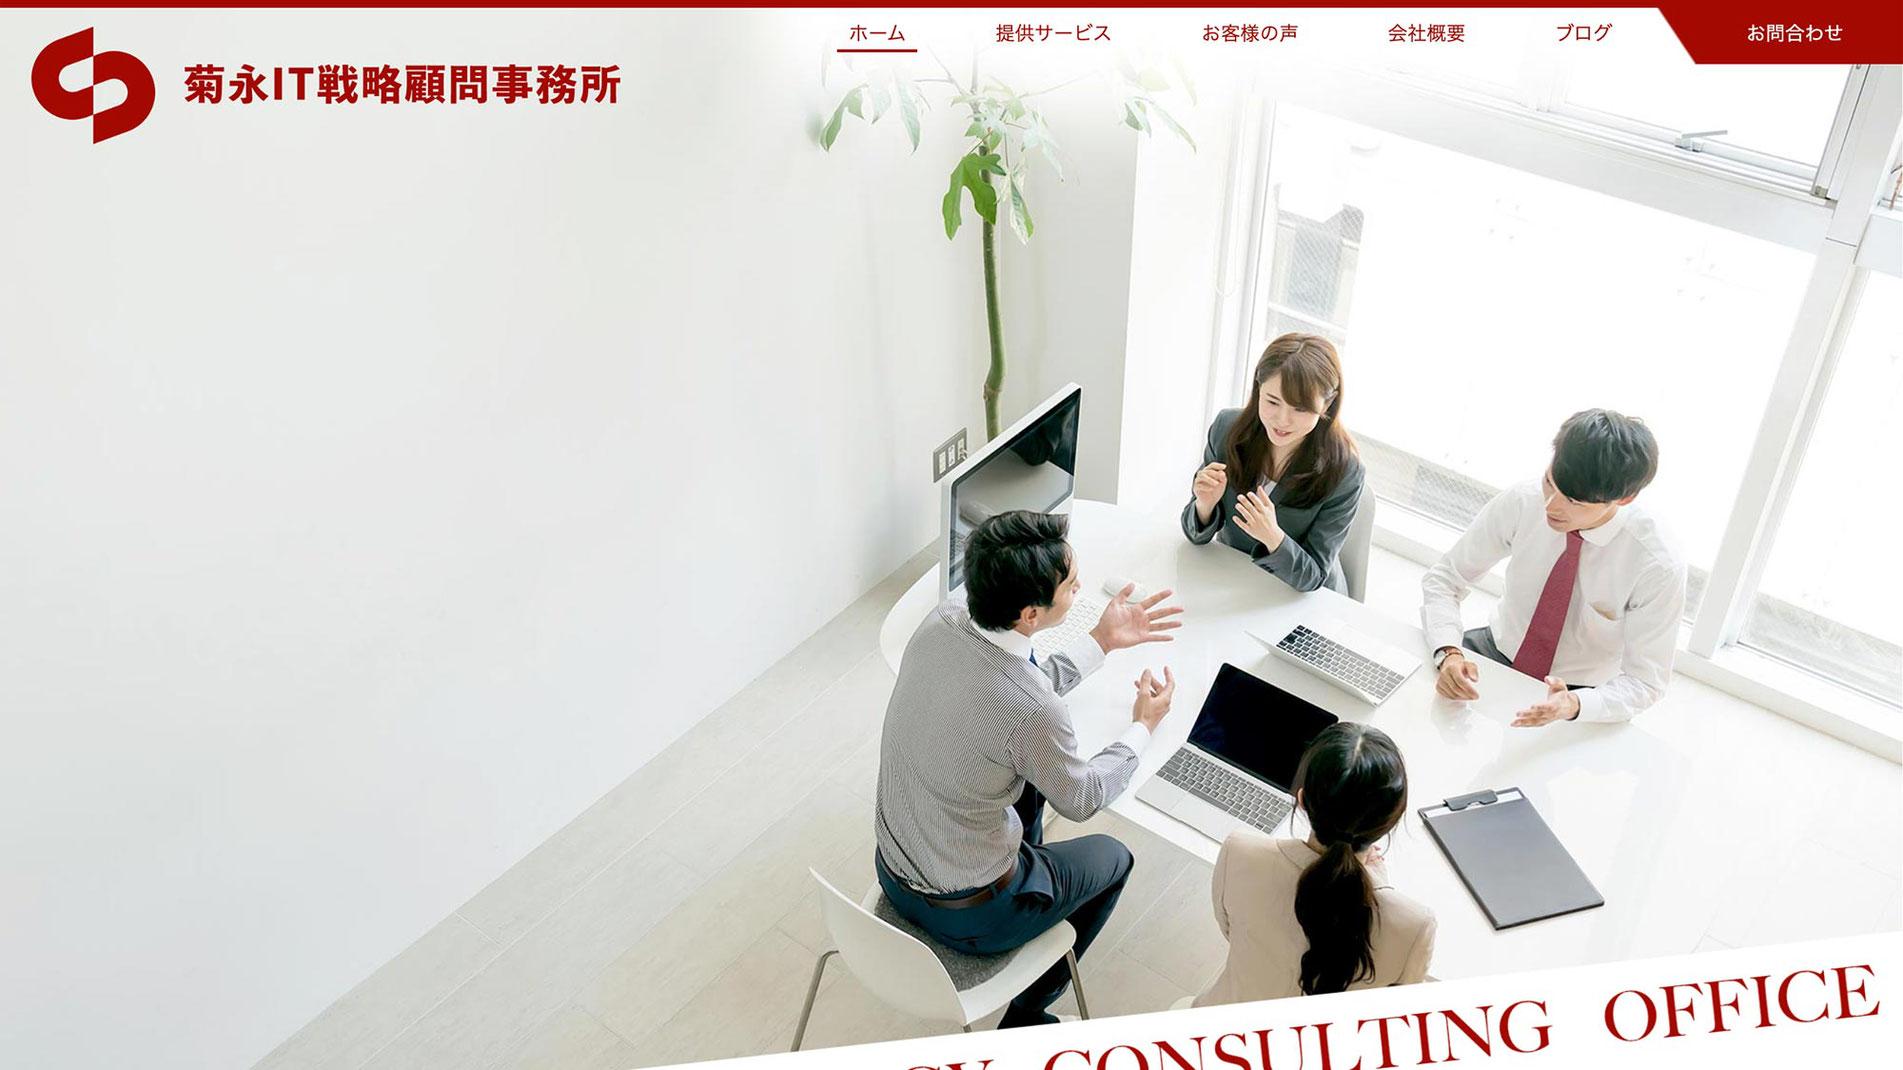 ジンドゥーカスタマイズ制作実績 − 菊永IT戦略顧問事務所様